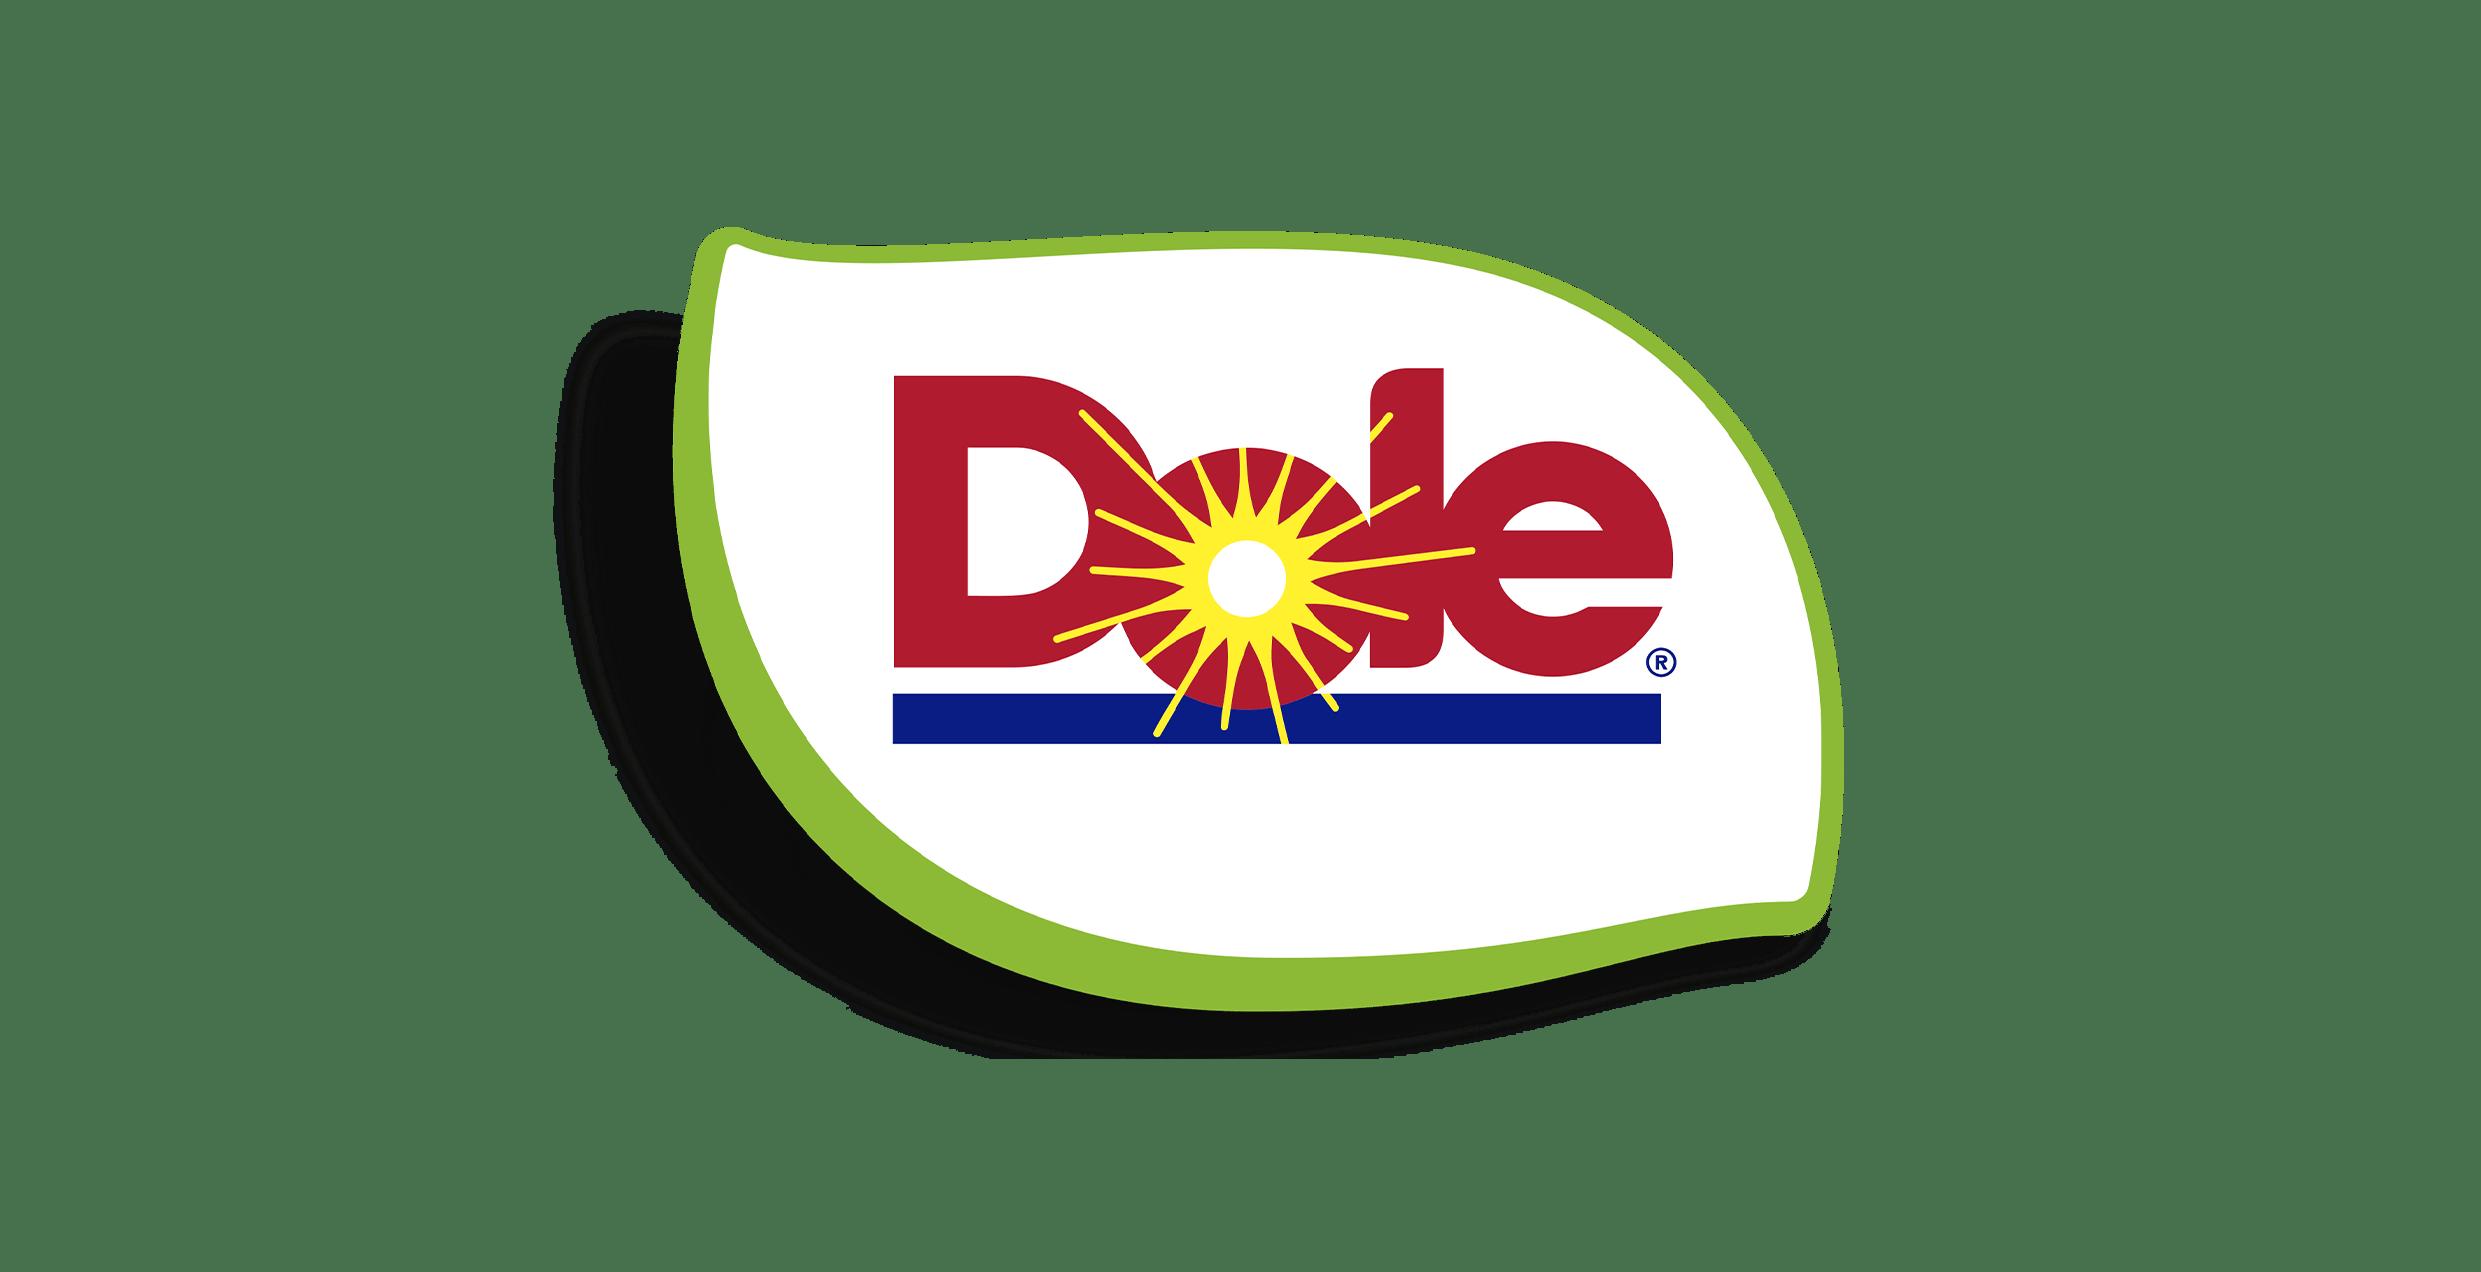 LOGO_DOLE2